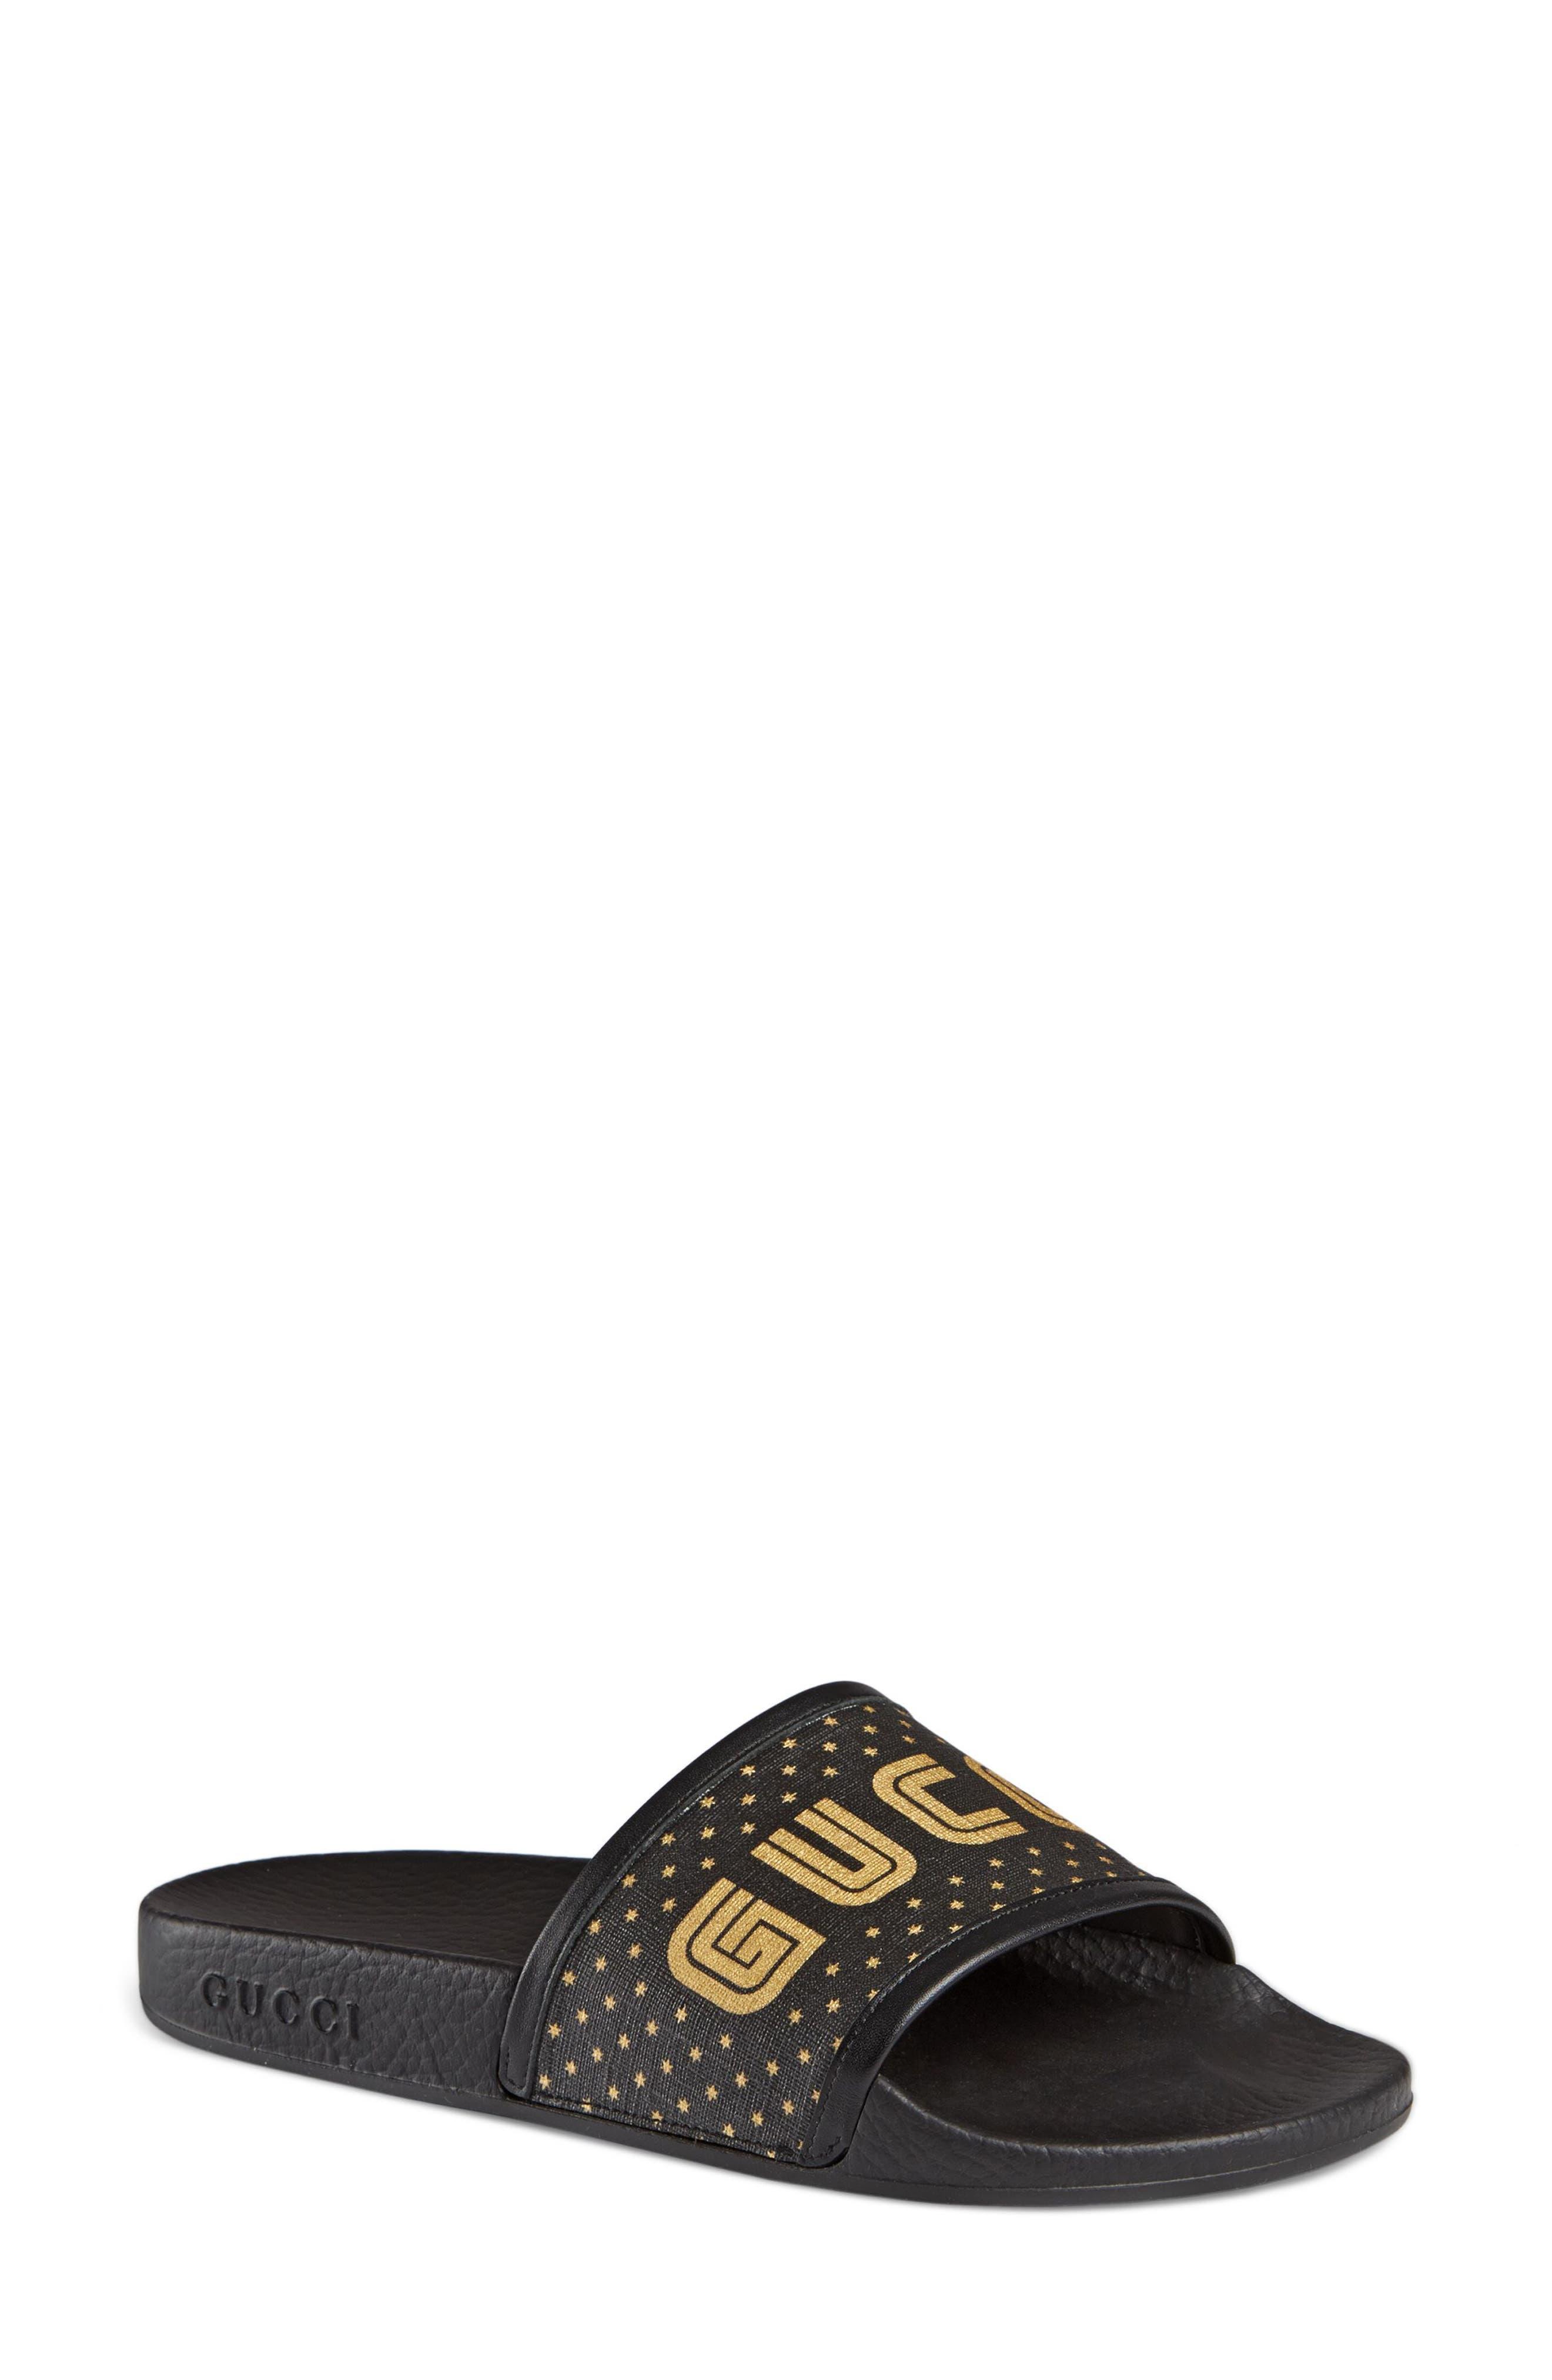 GUCCI, Pursuit Guccy Logo Slide Sandal, Main thumbnail 1, color, BLACK